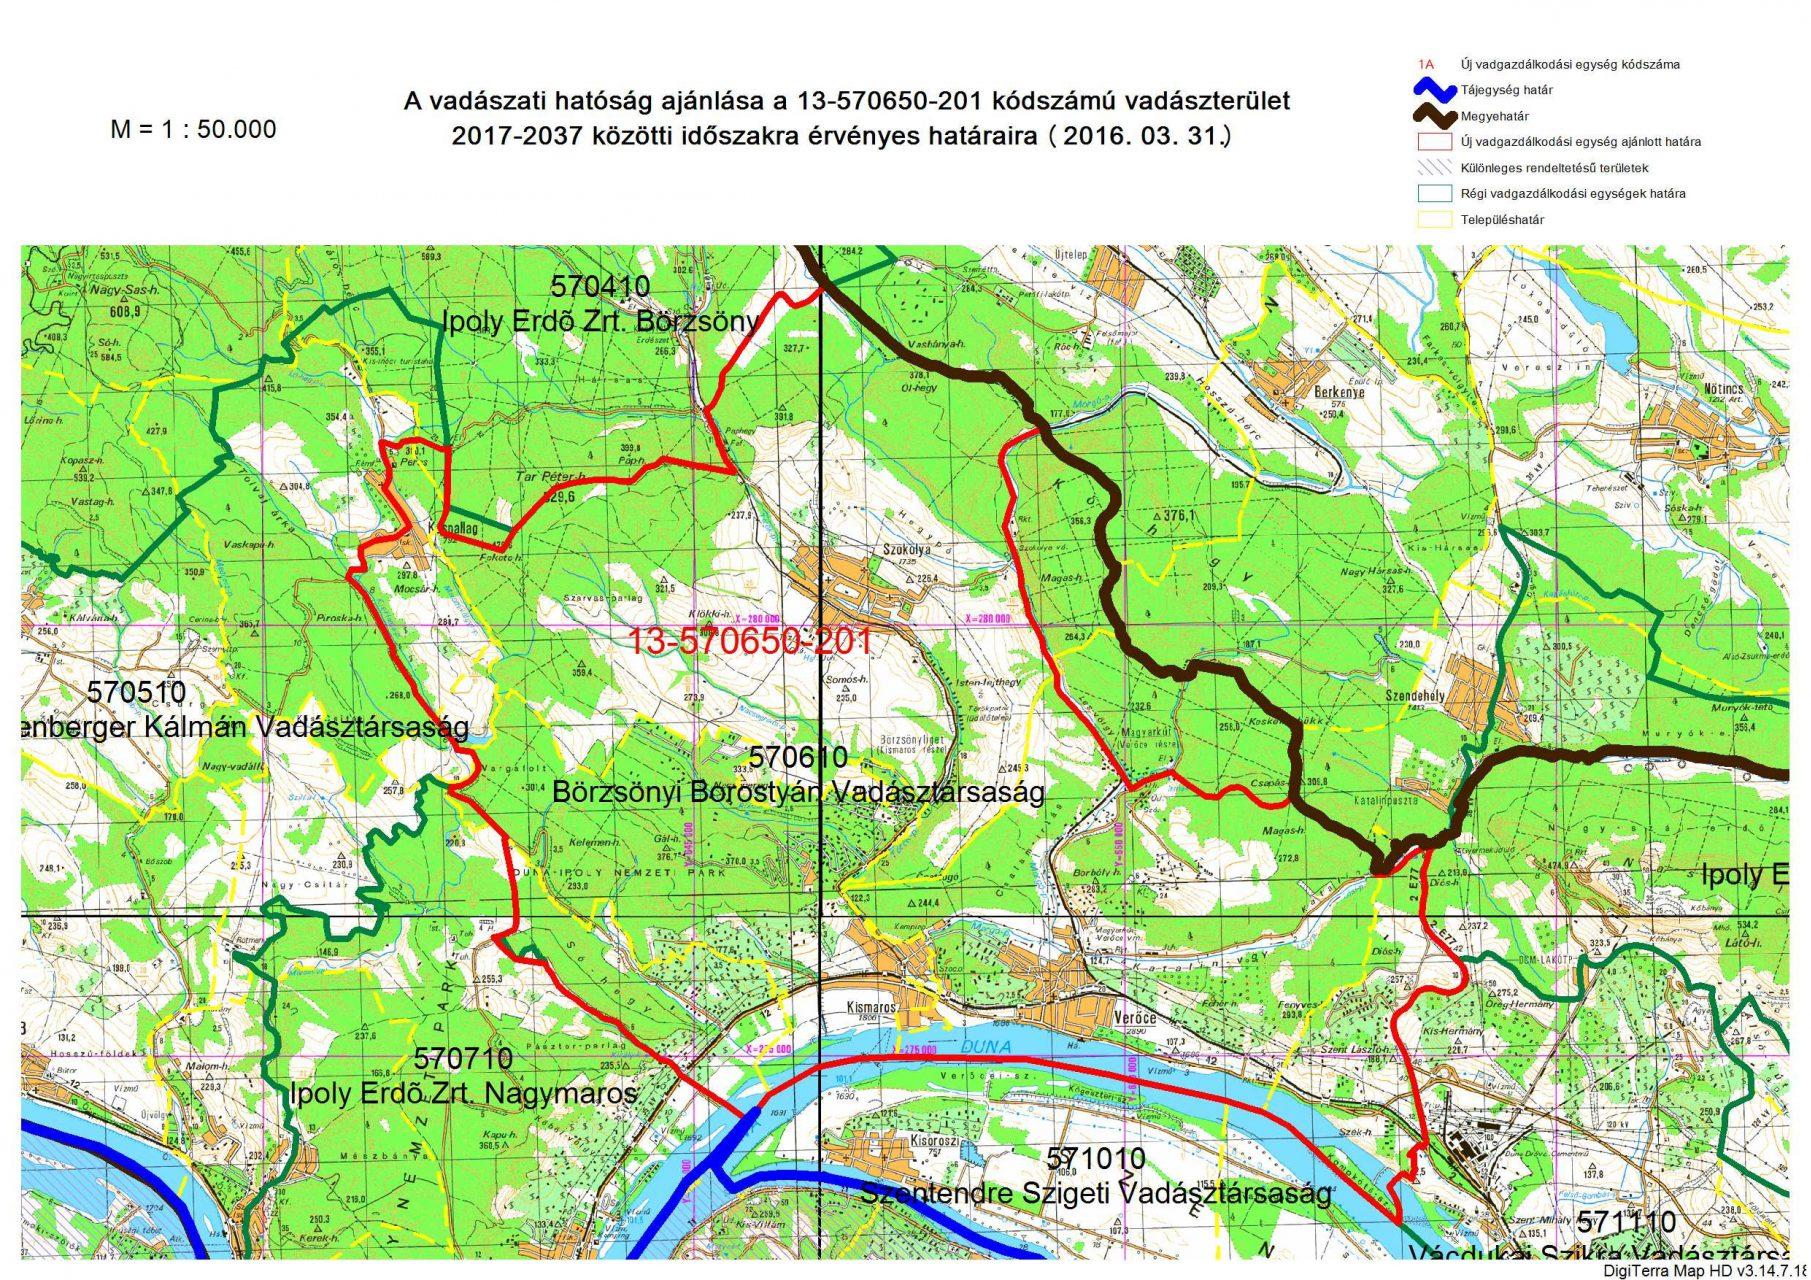 kismaros térkép Tájékoztató a Kismaros területét érintő vadászterületek  kismaros térkép